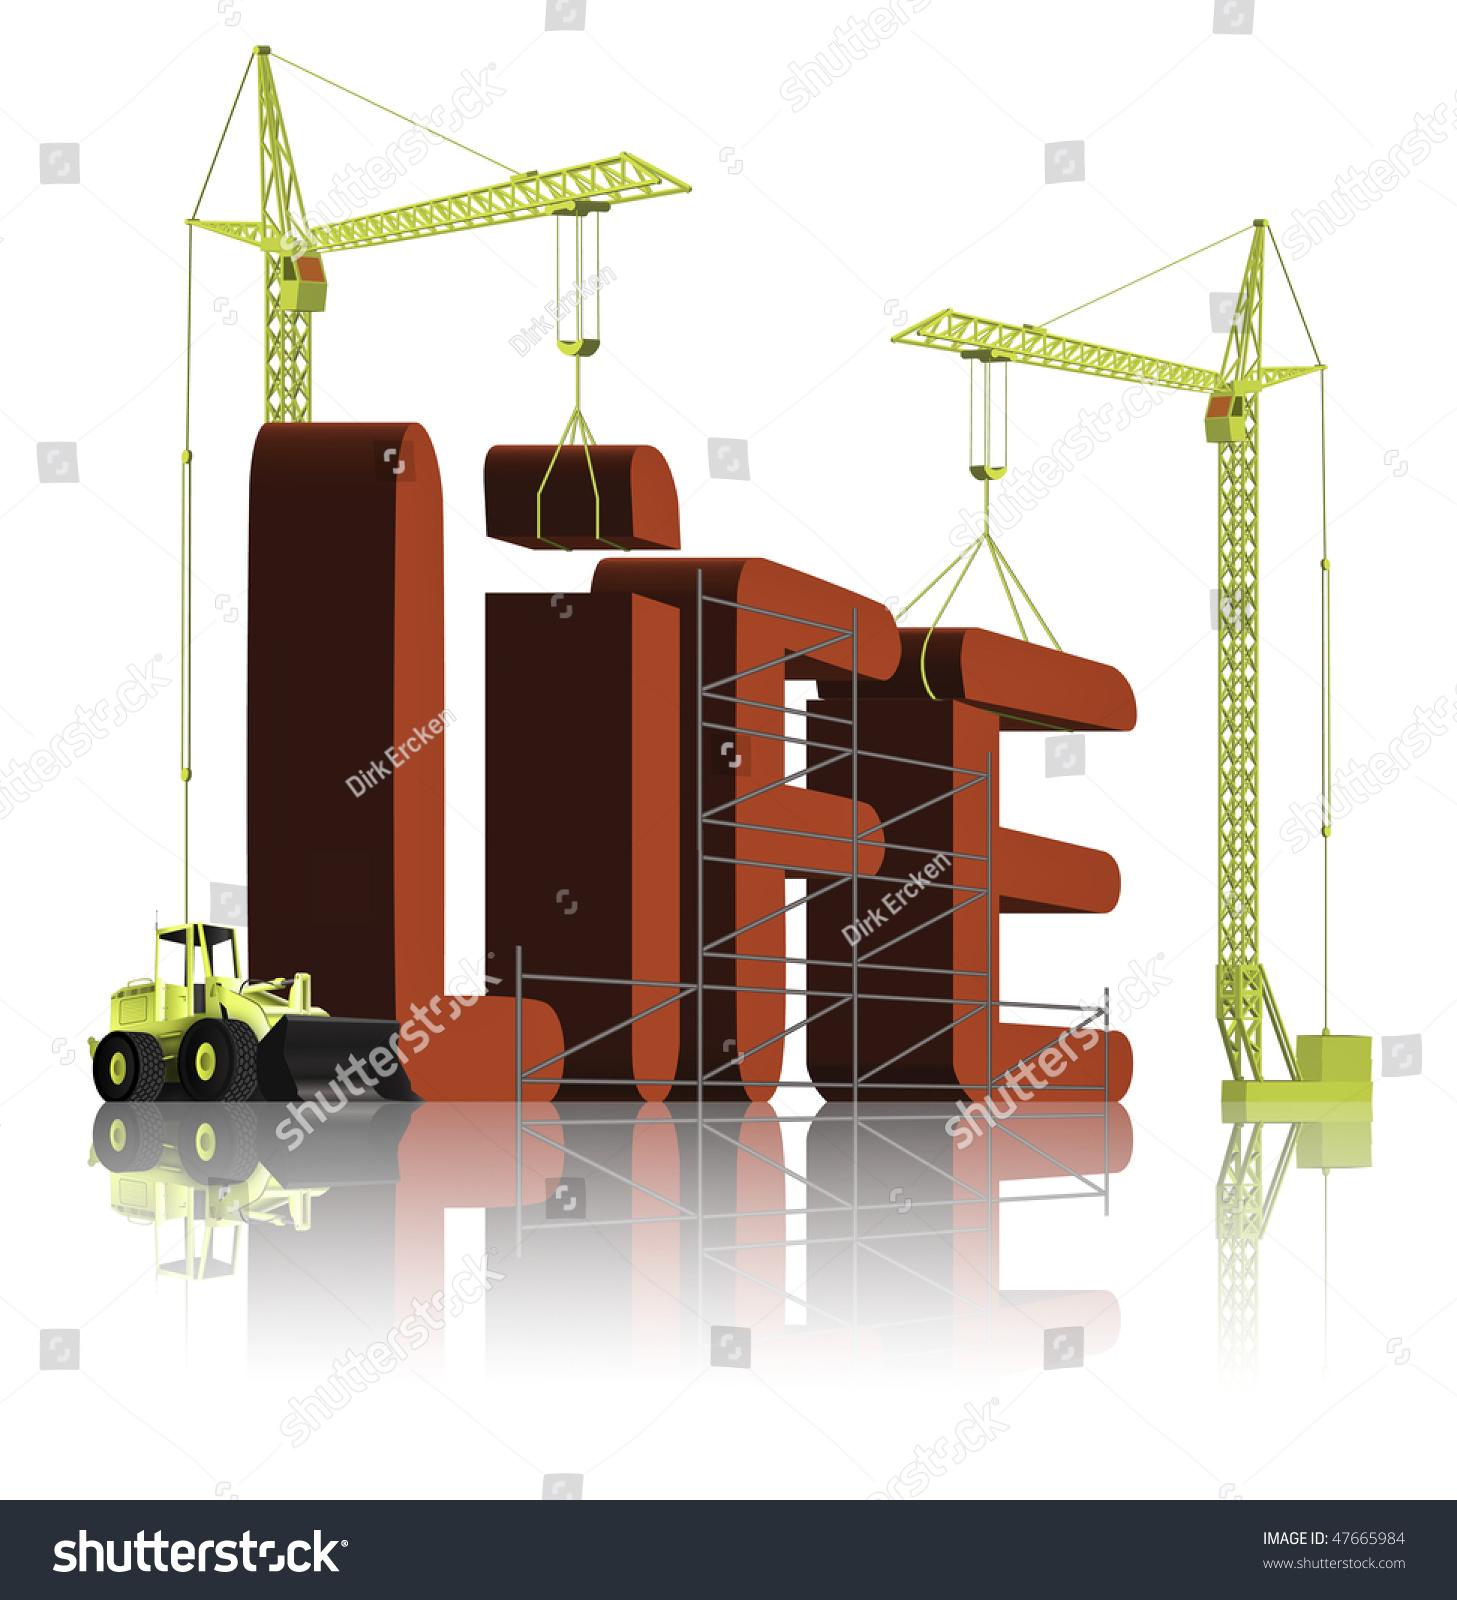 build your life get job career stock illustration  build your life get a job a career a family a hobby enjoy